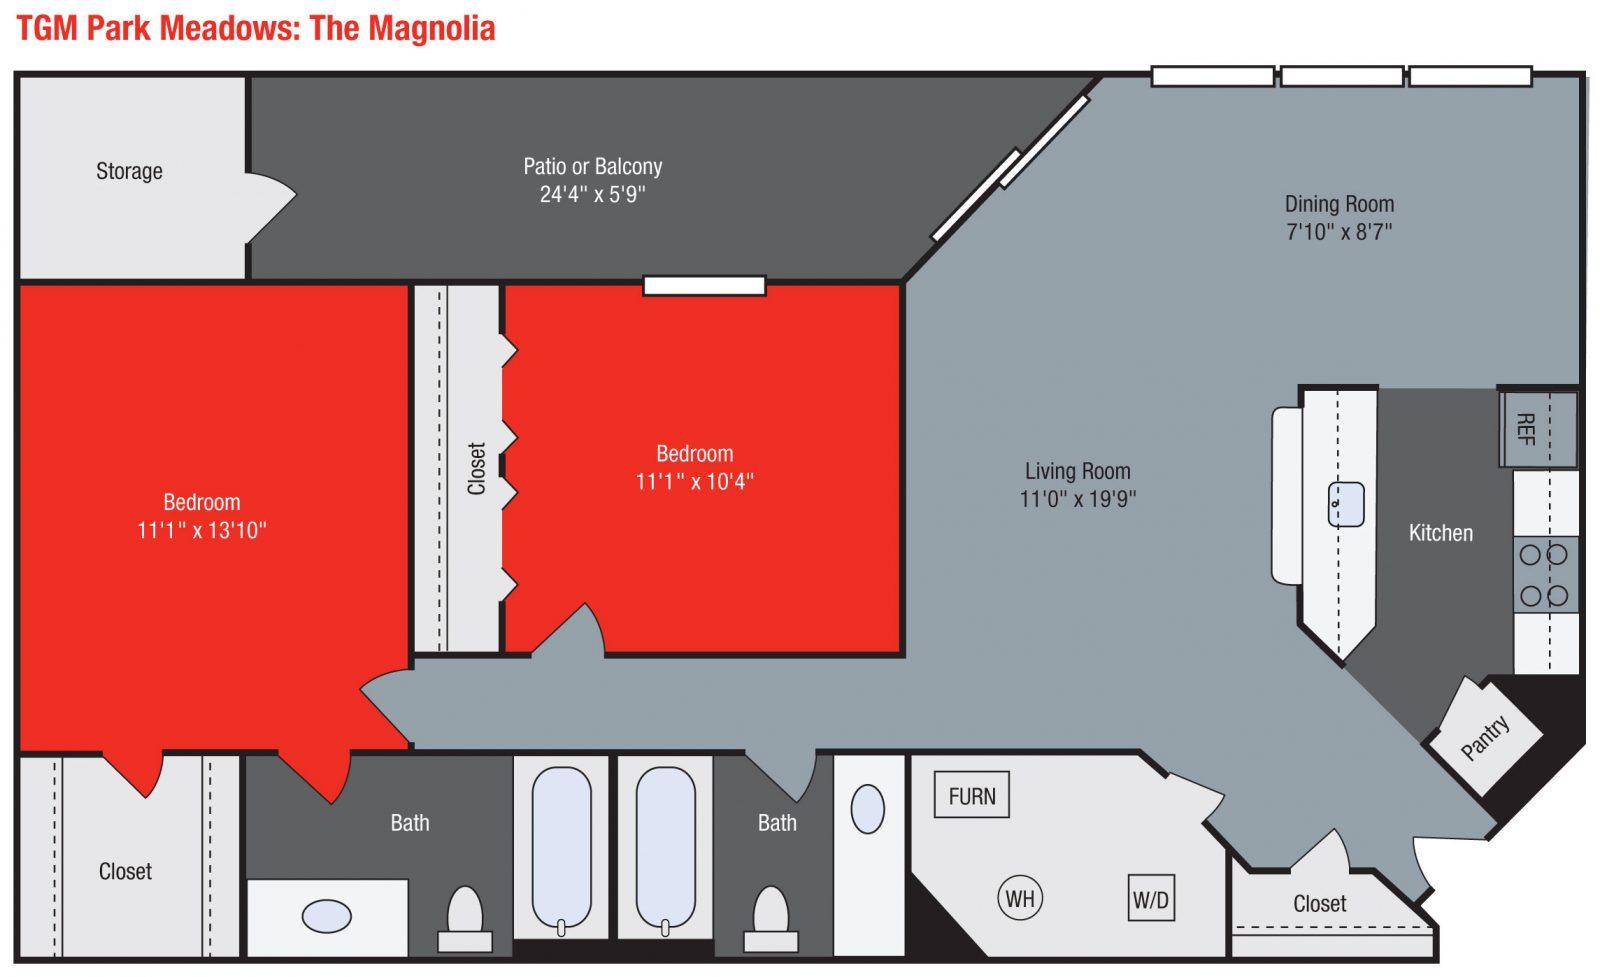 Apartments For Rent TGM Park Meadows - Magnolia